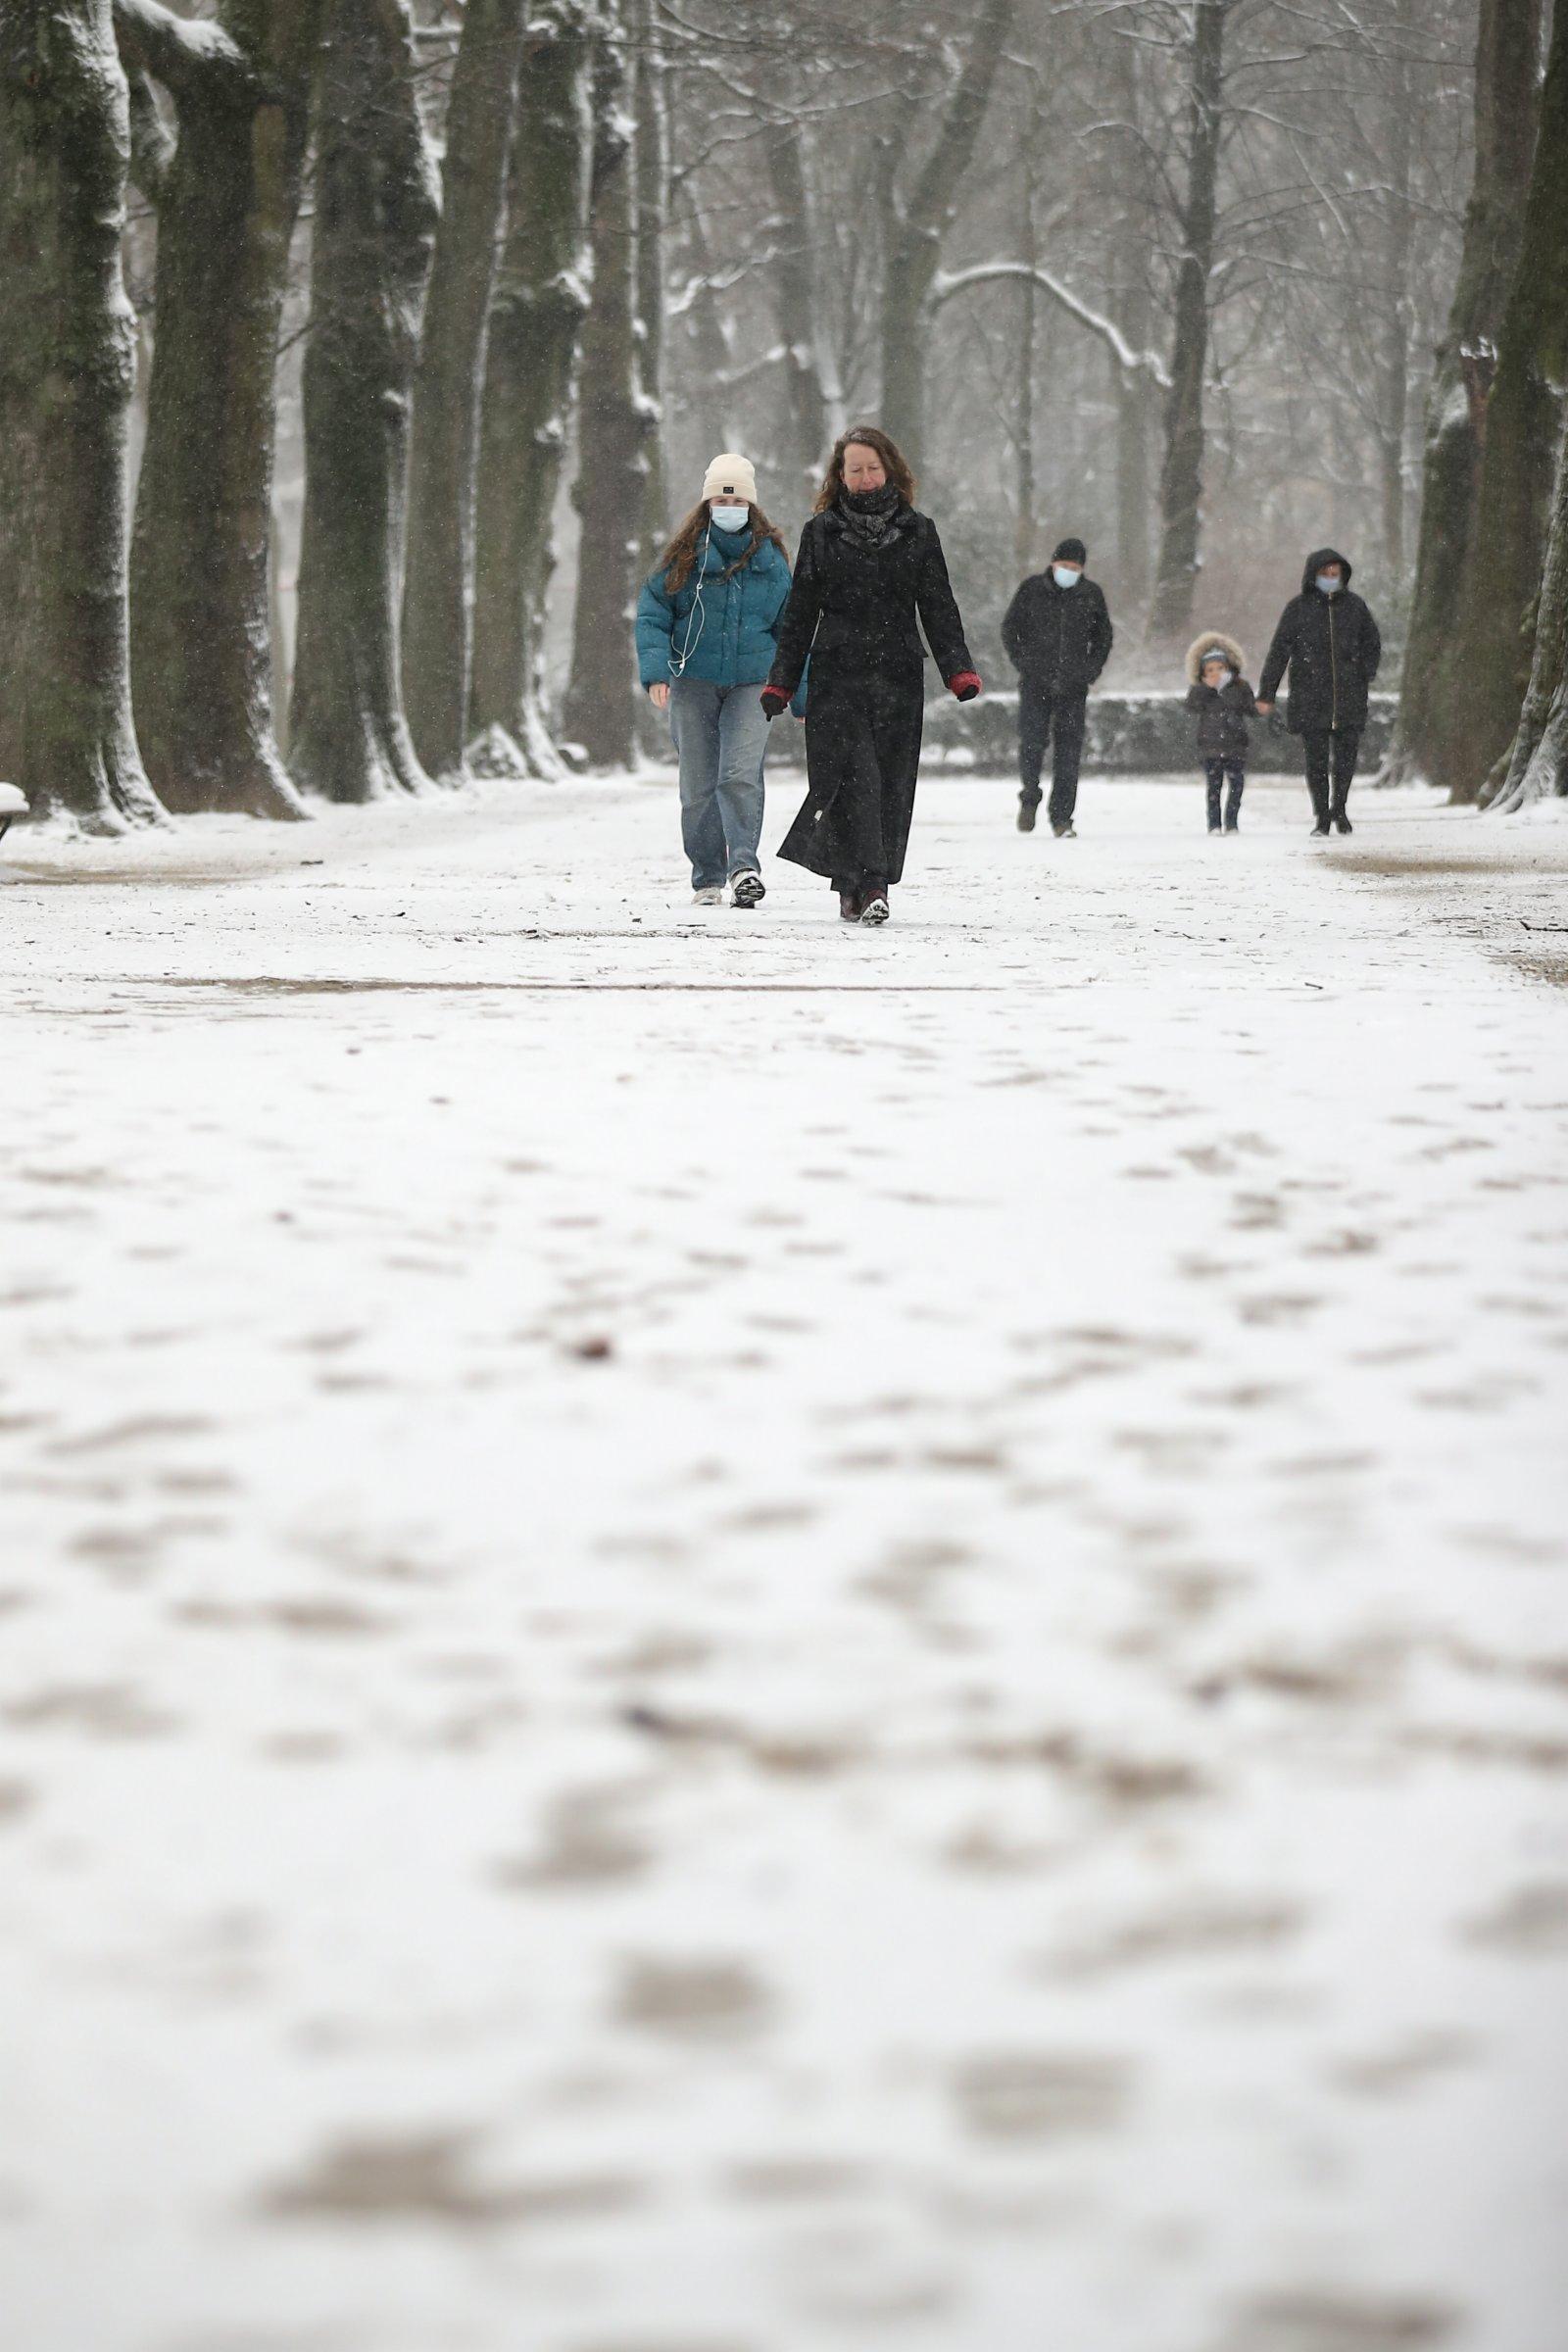 人們在比利時布魯塞爾的五十週年紀念公園賞雪。